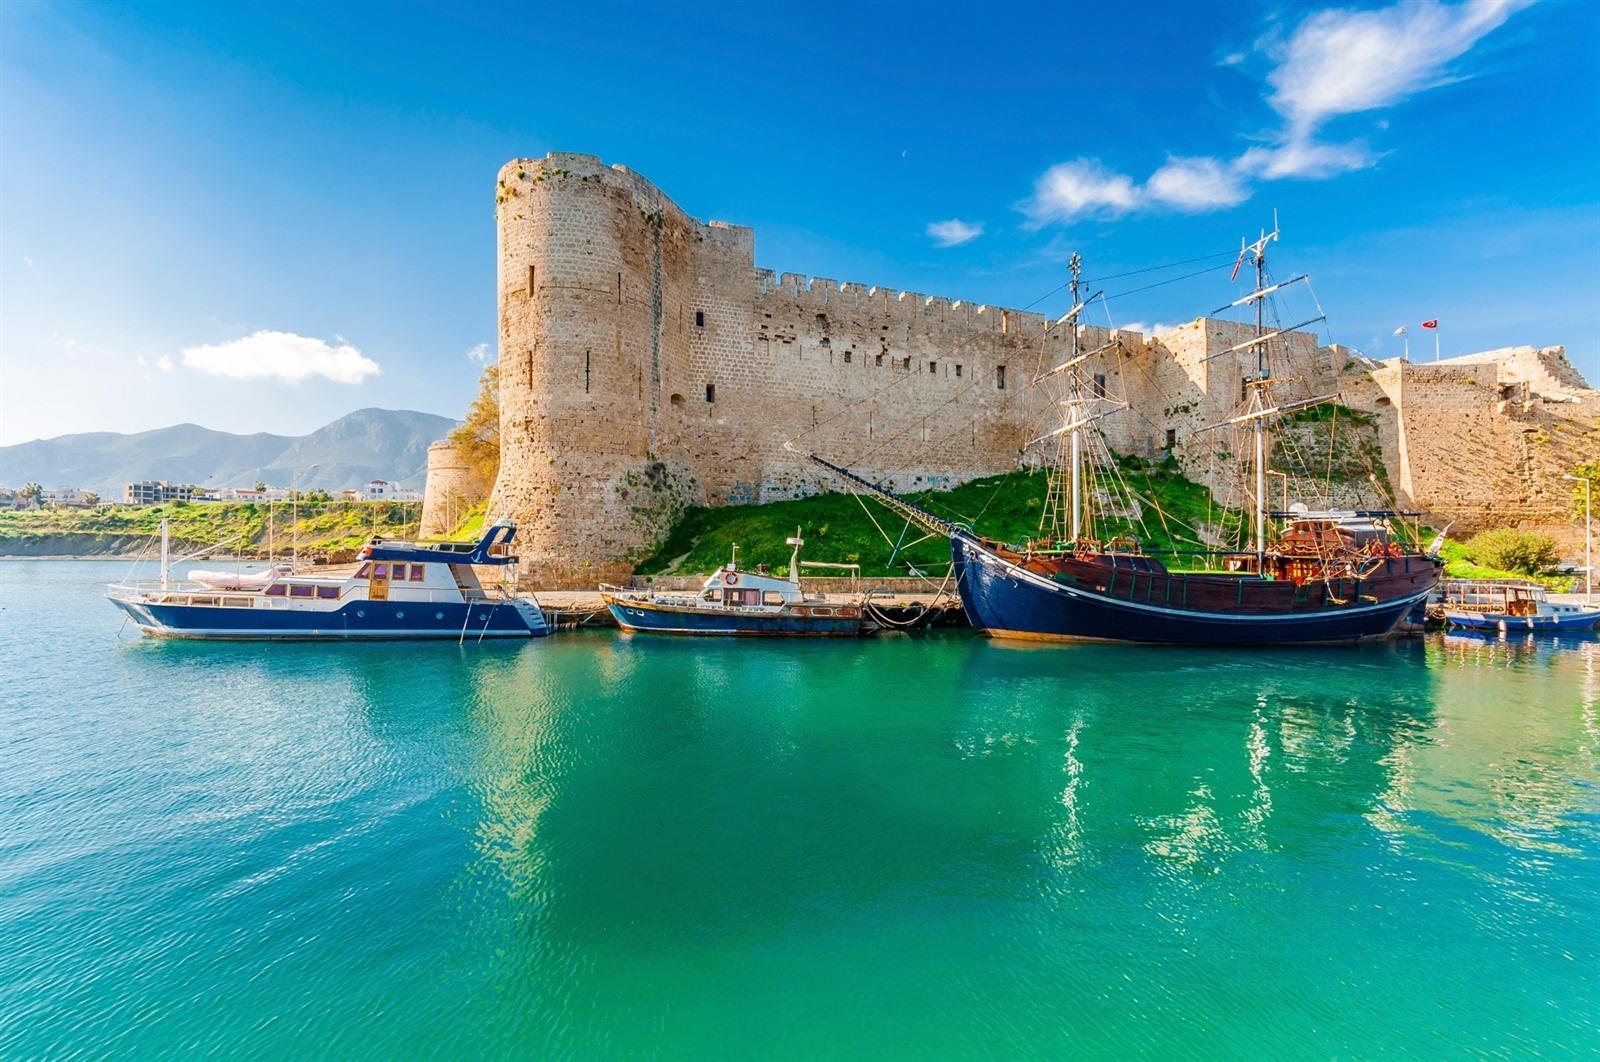 De 13 mooiste bezienswaardigheden op Cyprus + tips voor je vakantie